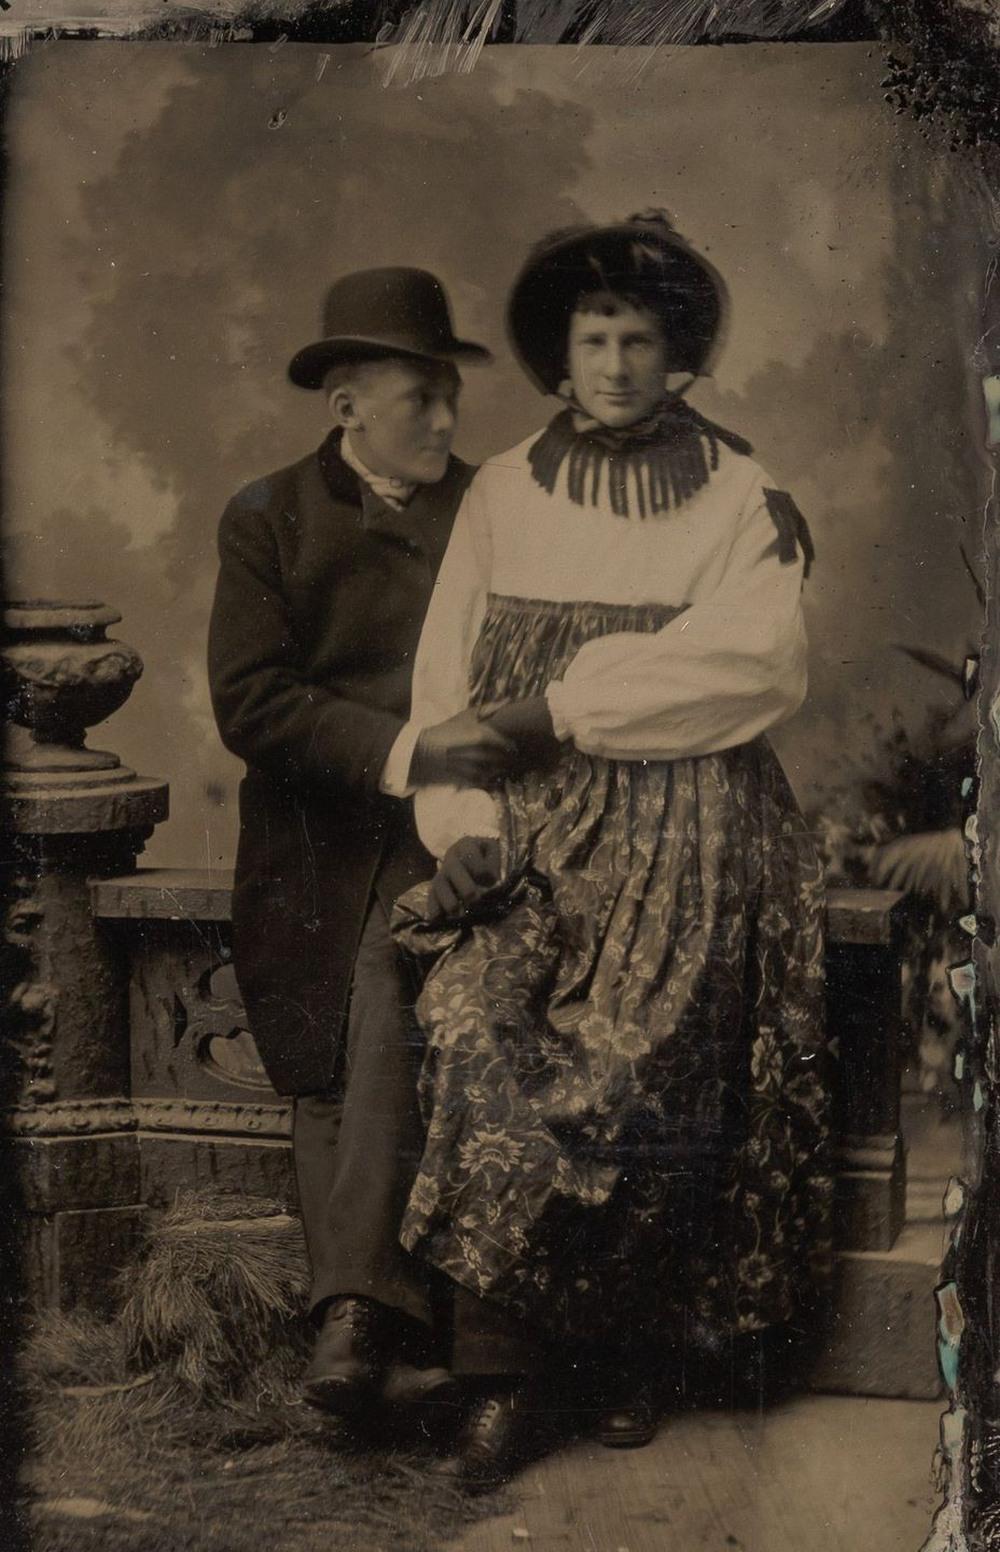 Броманс в викторианскую эпоху: интимные мужские объятия в редких фотографиях конца 1800-х годов  8